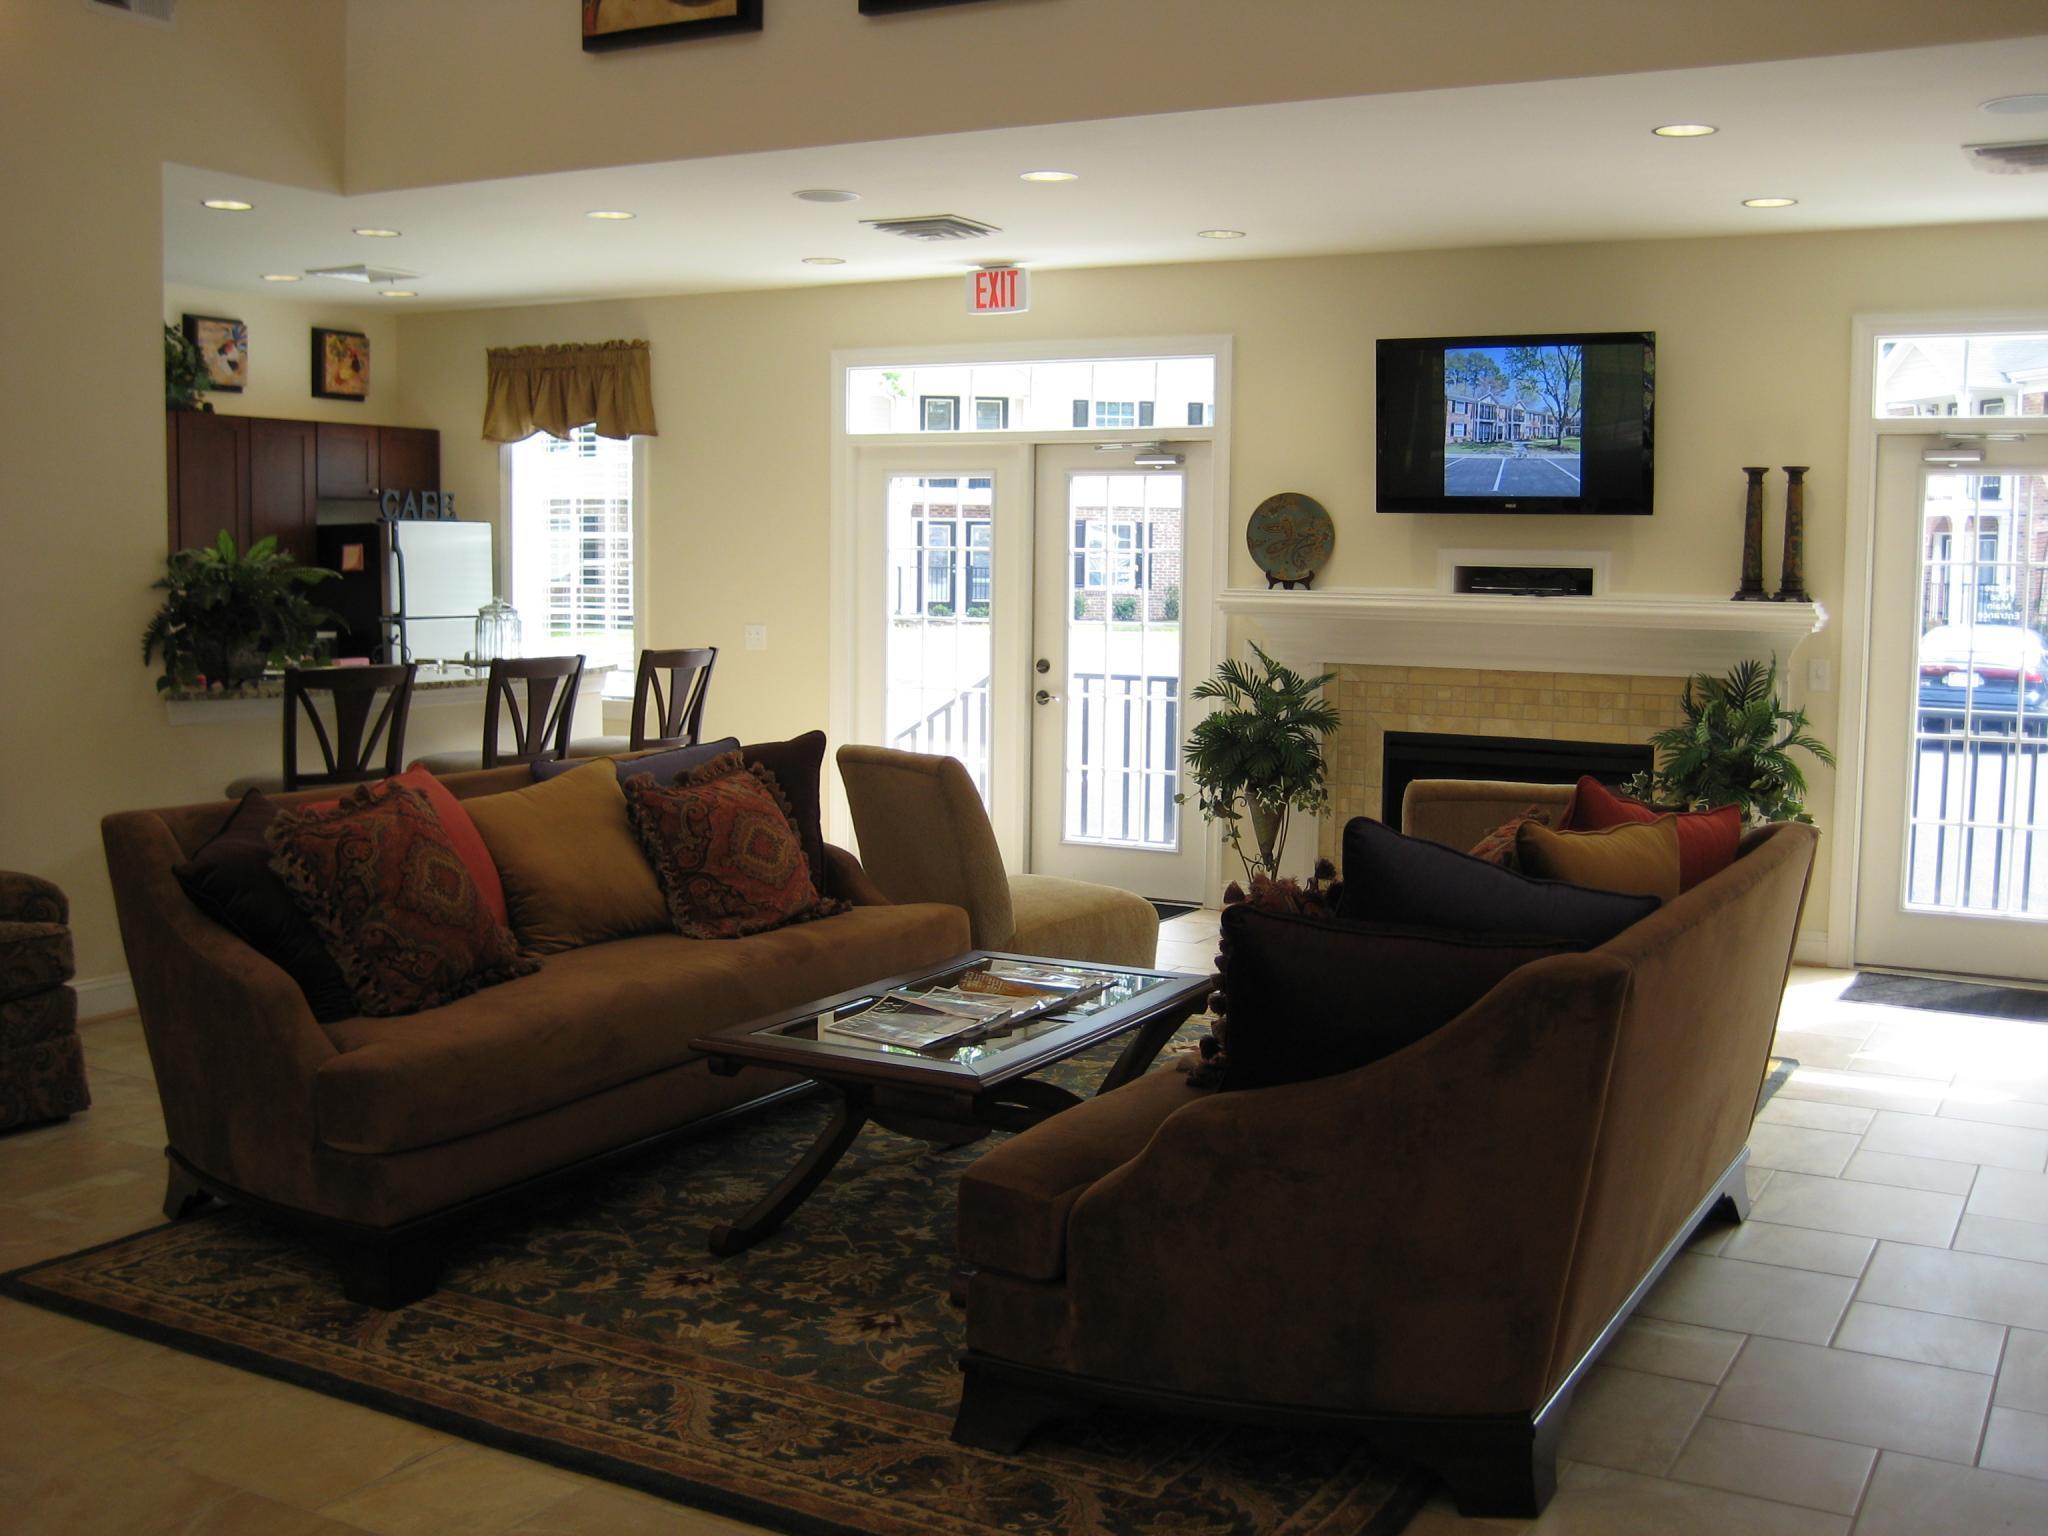 Photos  21. Sharps Landing Apartments Rentals   Newport News  VA   Trulia